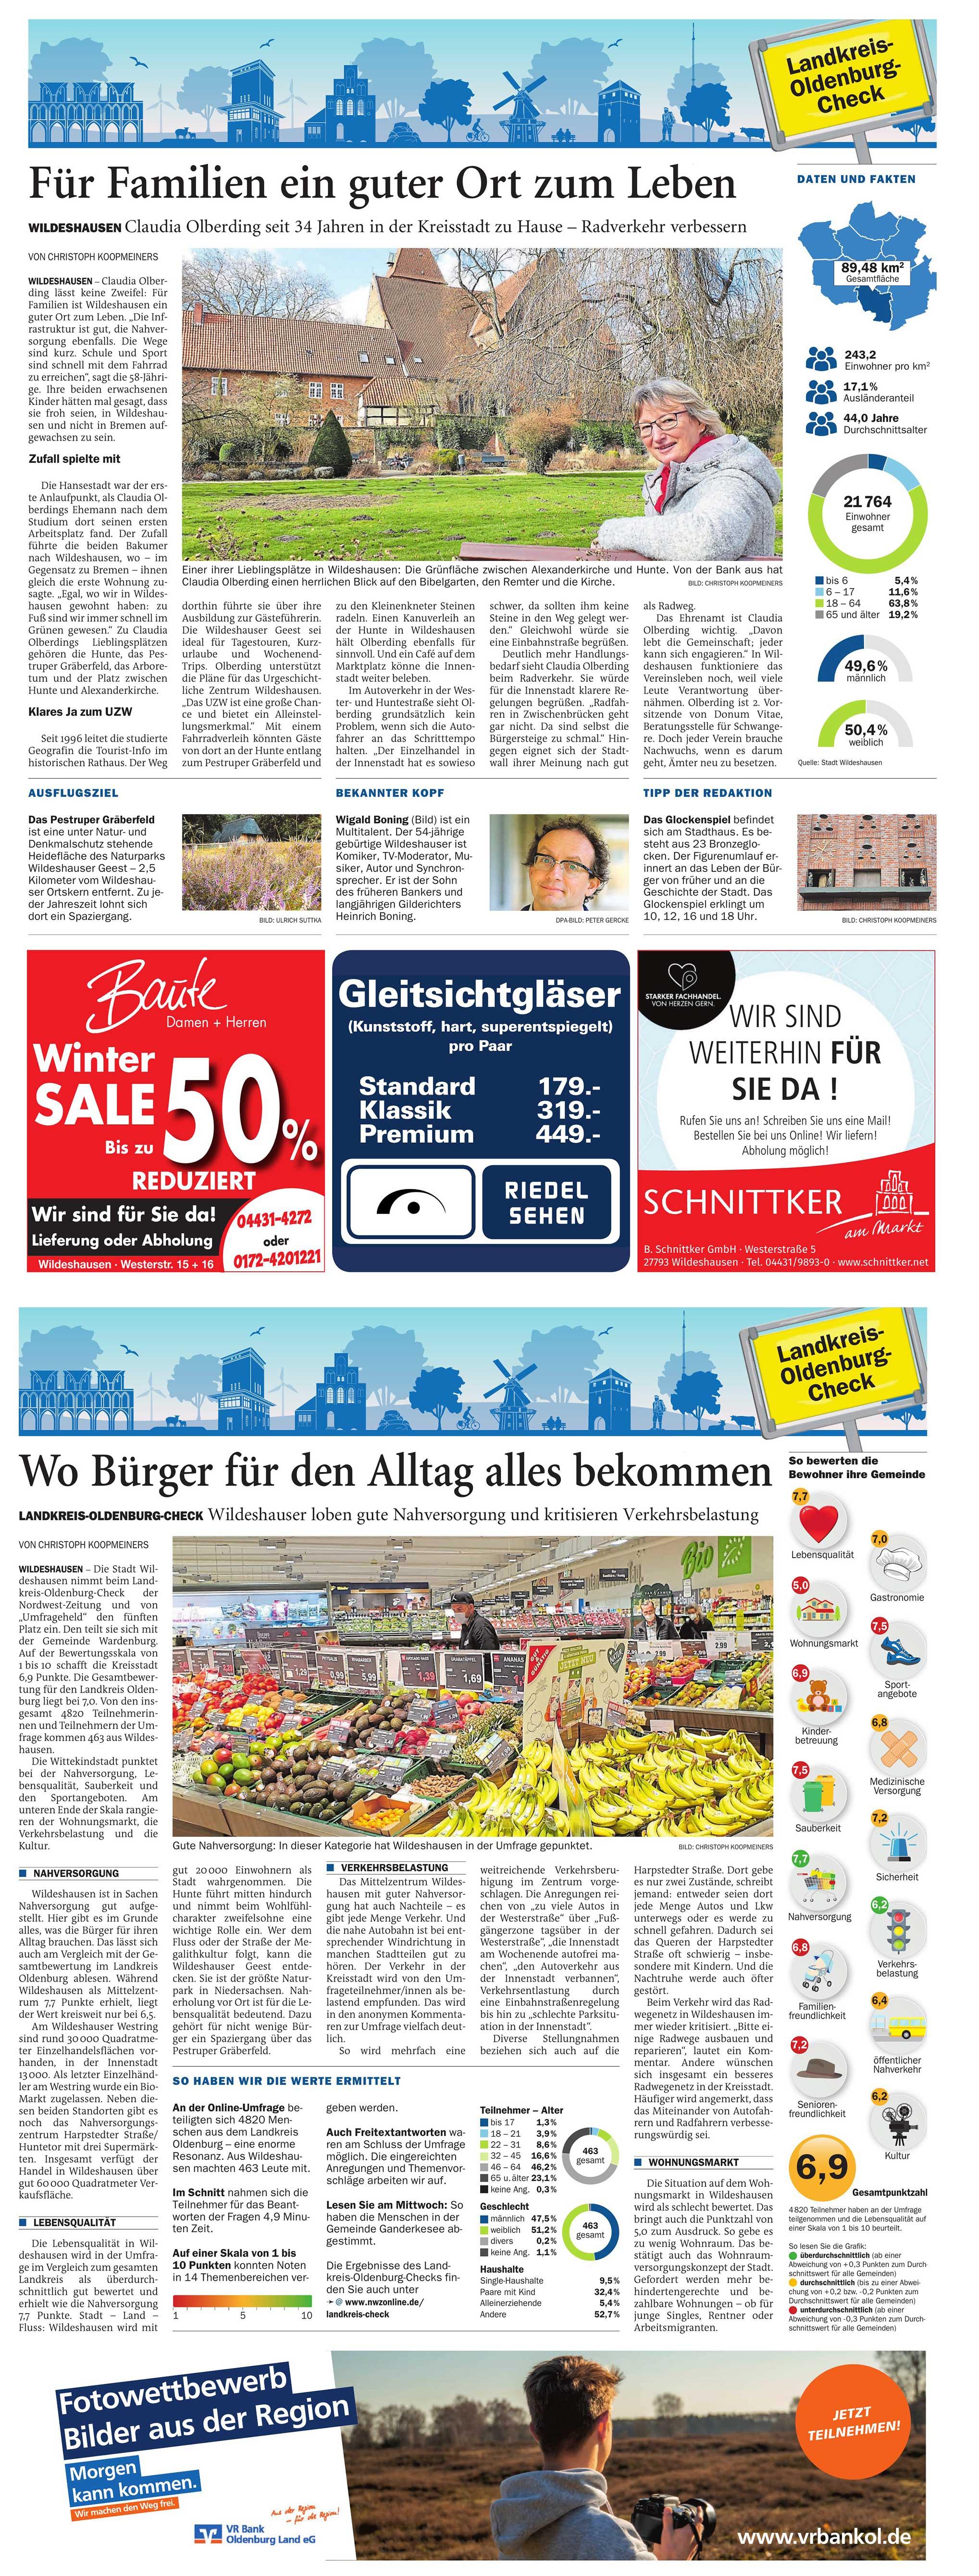 Für Familien ein guter Ort zum LebenNWZ-Aktion: Ergebnisse des Landkreis-Oldenburg-Checks für Wildeshausen / Wo Bürger für den Alltag alles bekommenArtikel vom 02.03.2021 (NWZ)